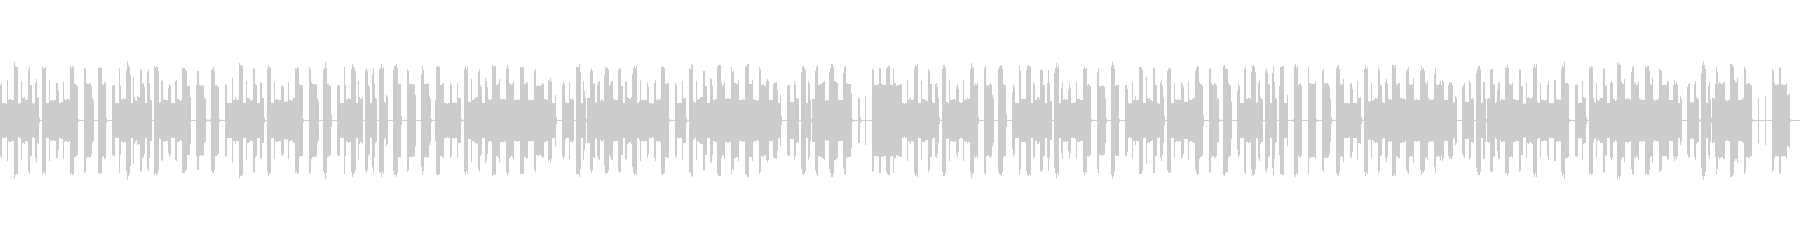 チップチューンにアレンジされたラグタイムの未再生の波形